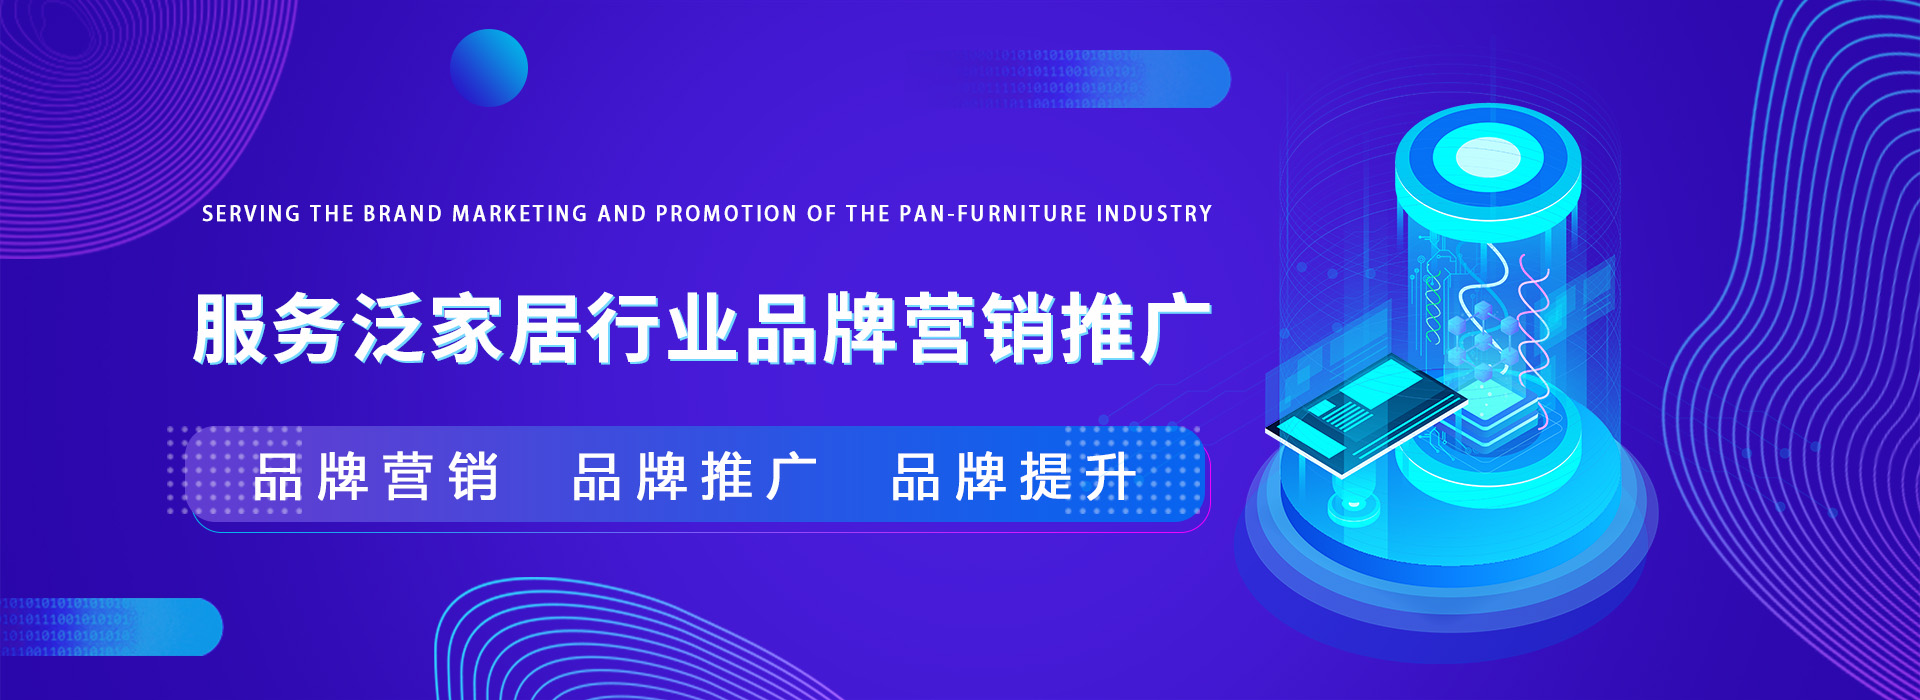 肇庆电脑PC端全网整合营销推广